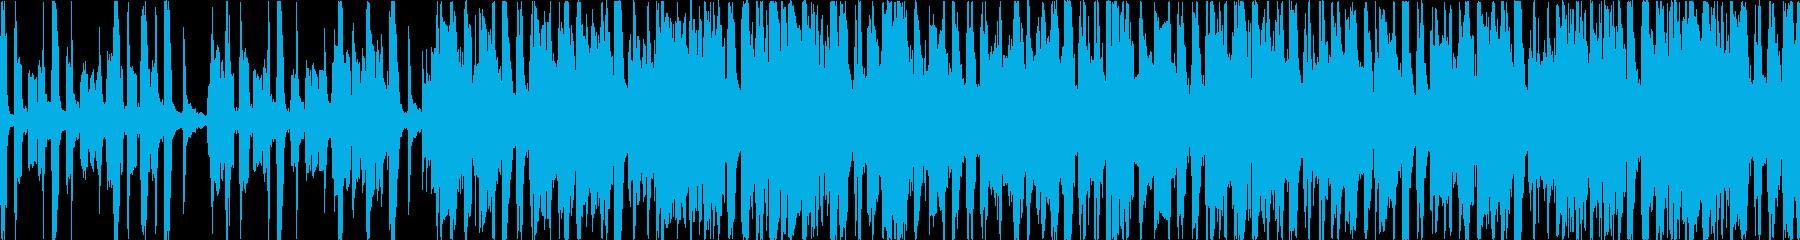 軽快なアコーディオンのカフェミュージックの再生済みの波形